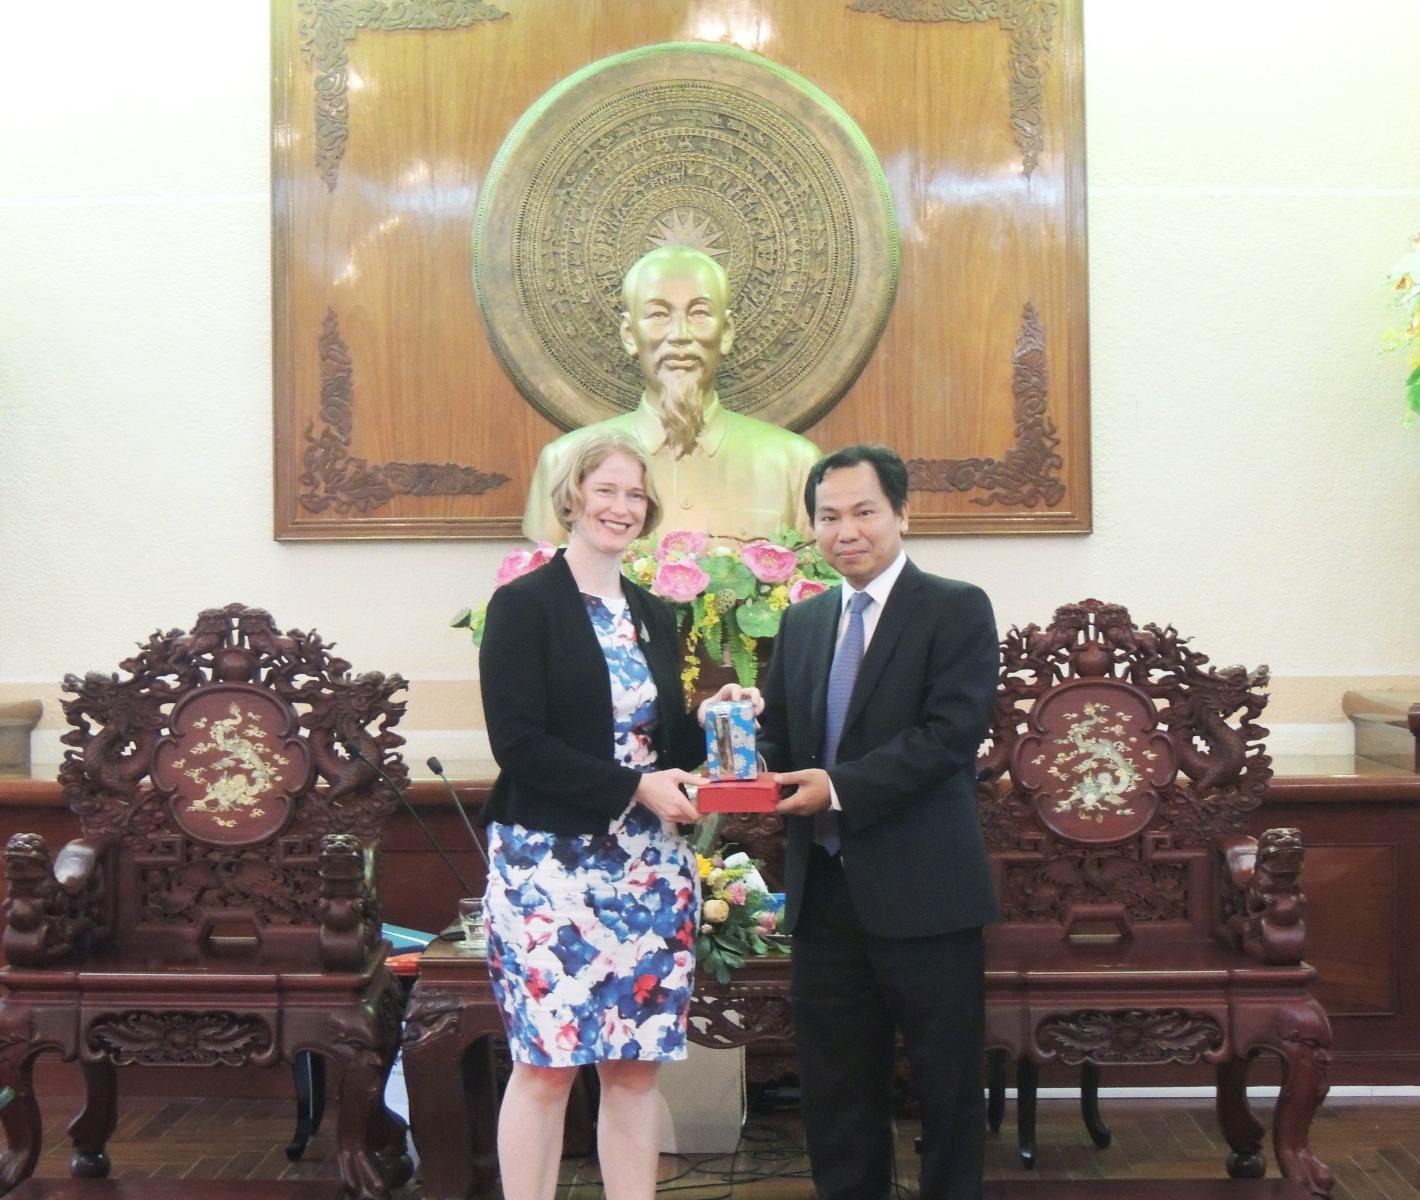 Chủ tịch UBND TP Cần Thơ Lê Quang Mạnh trao quà lưu niệm cho bà Wendy Matthews.